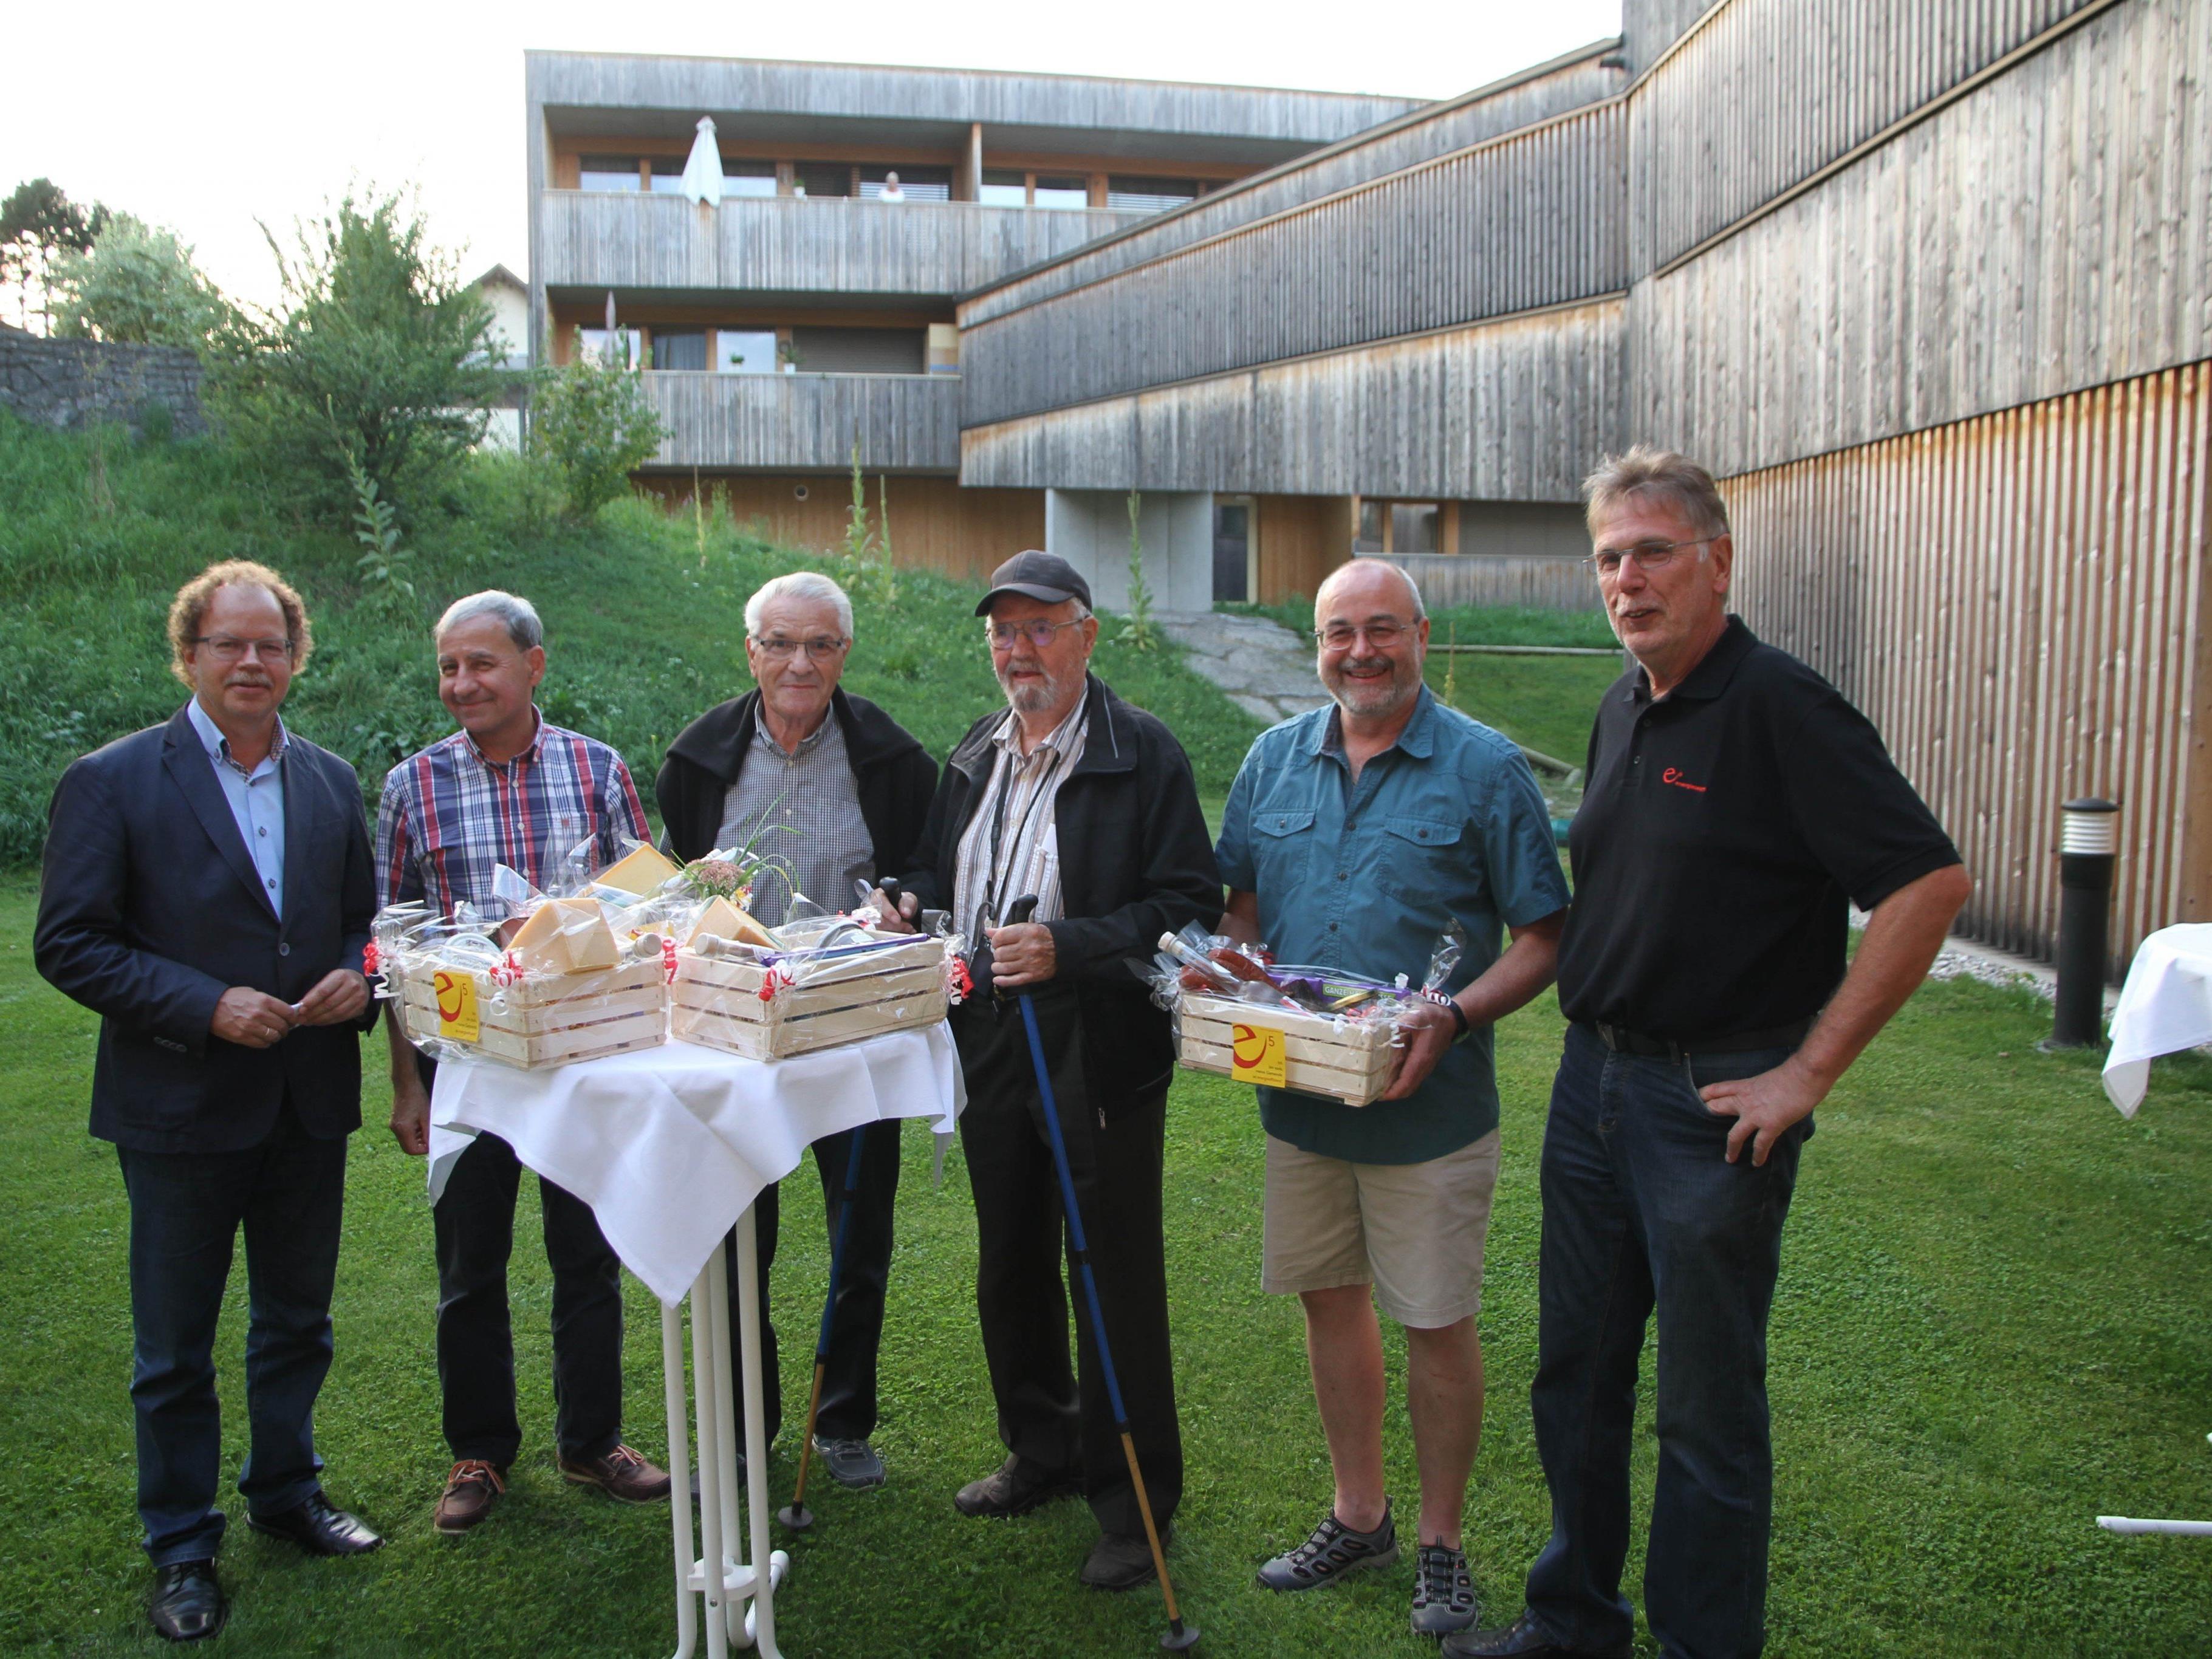 In Sachen e5 sehr aktiv: Florian Kasseroler, Raimund Zaggl, Bruno Hummer, Ehrenfried Graß, Johann Haas und Herbert Greußing.